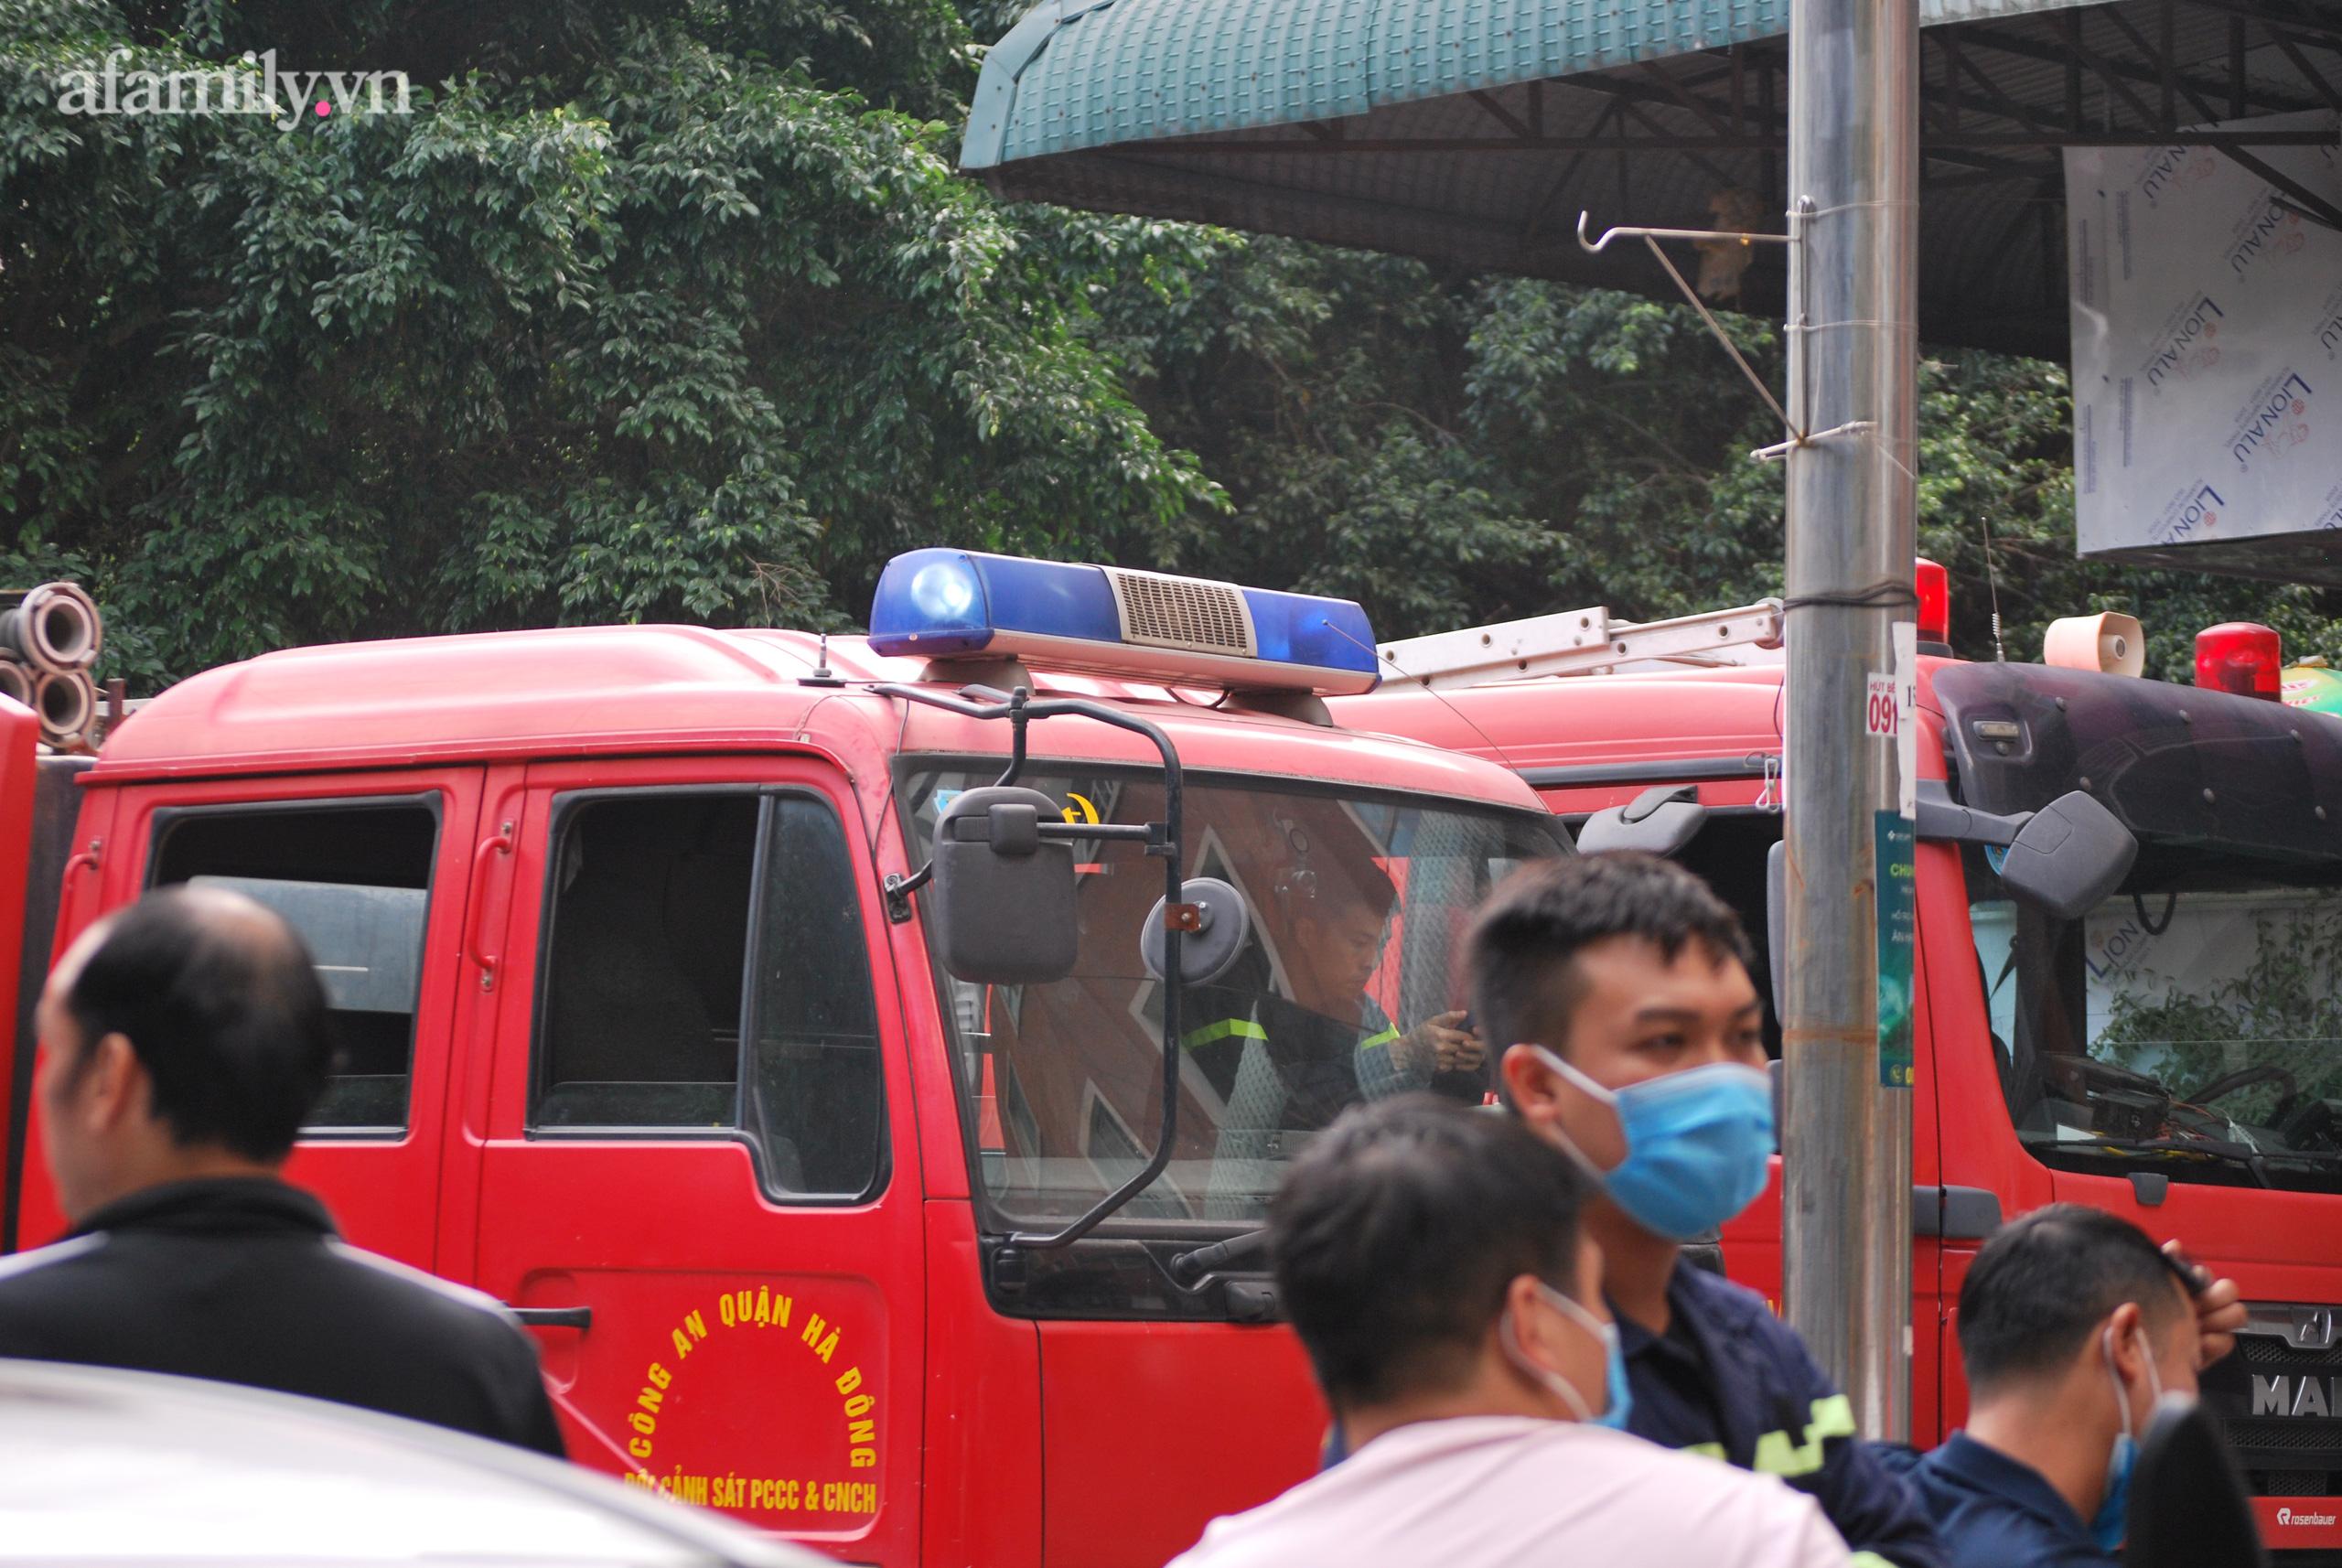 Hà Nội: Cháy lớn tại chung cư người dân hoảng loạn chạy từ tầng 13 xuống sân - Ảnh 4.